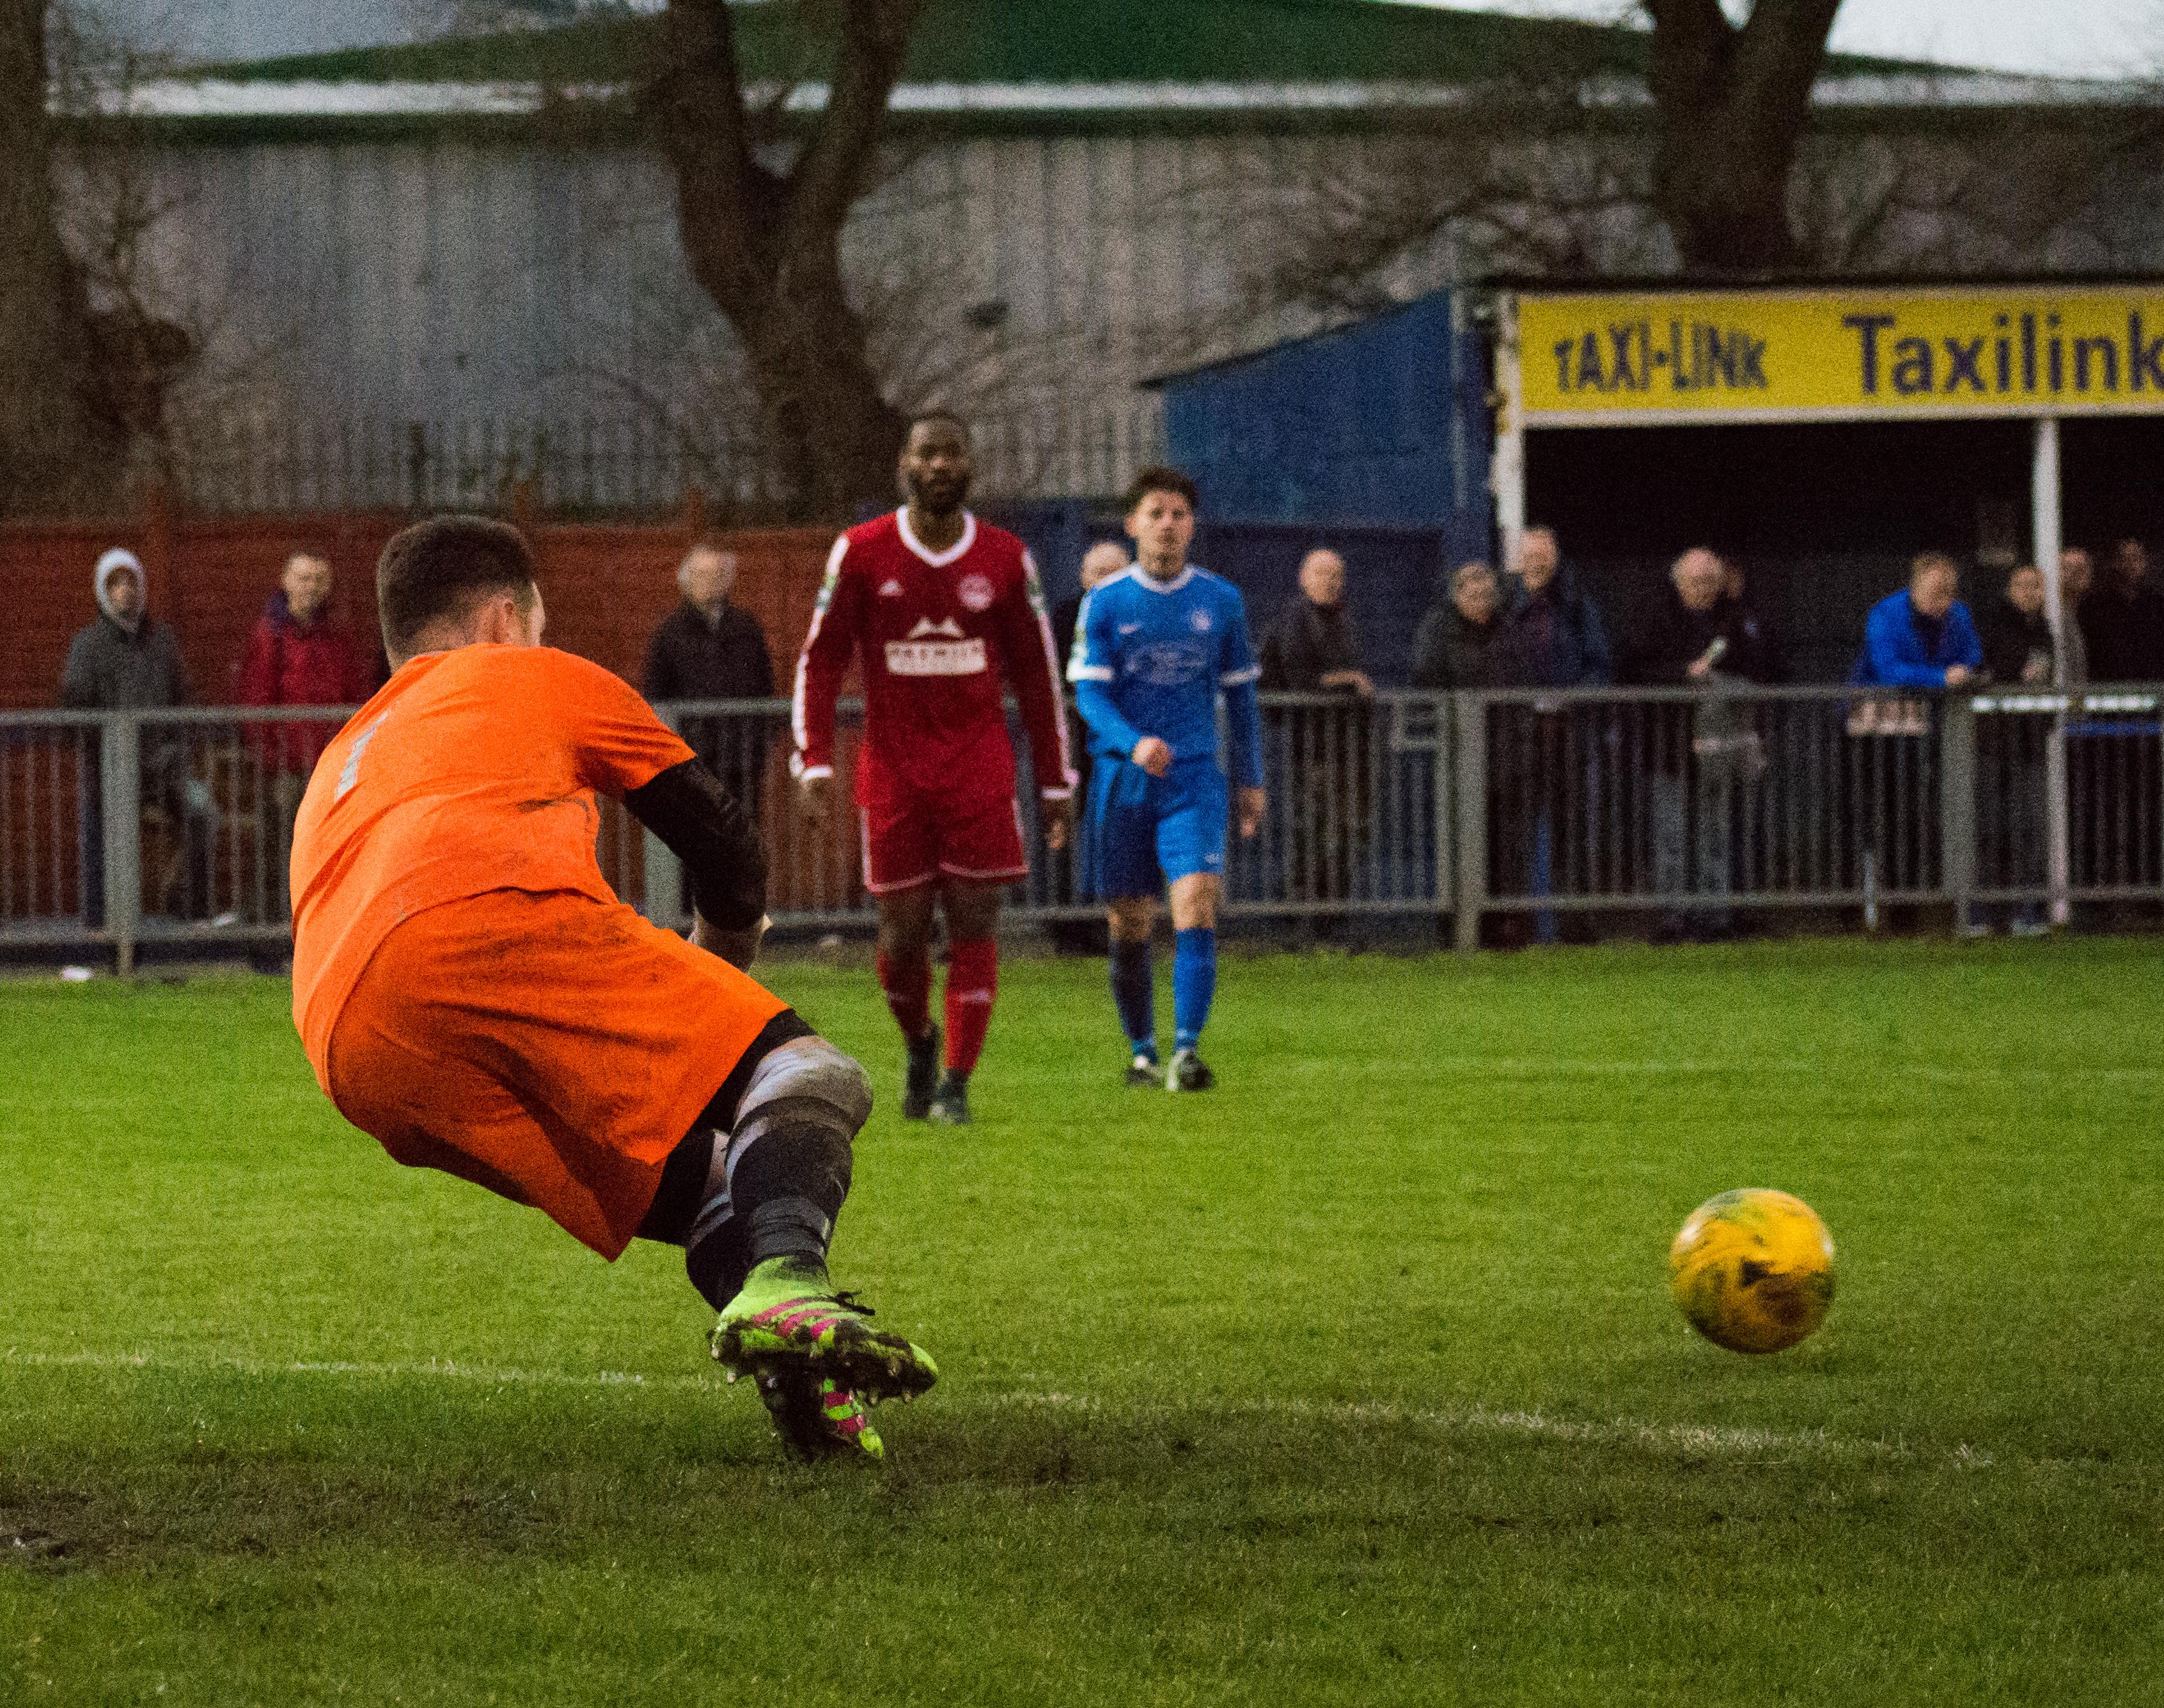 Shoreham FC vs Hythe Town 11.11.17 67